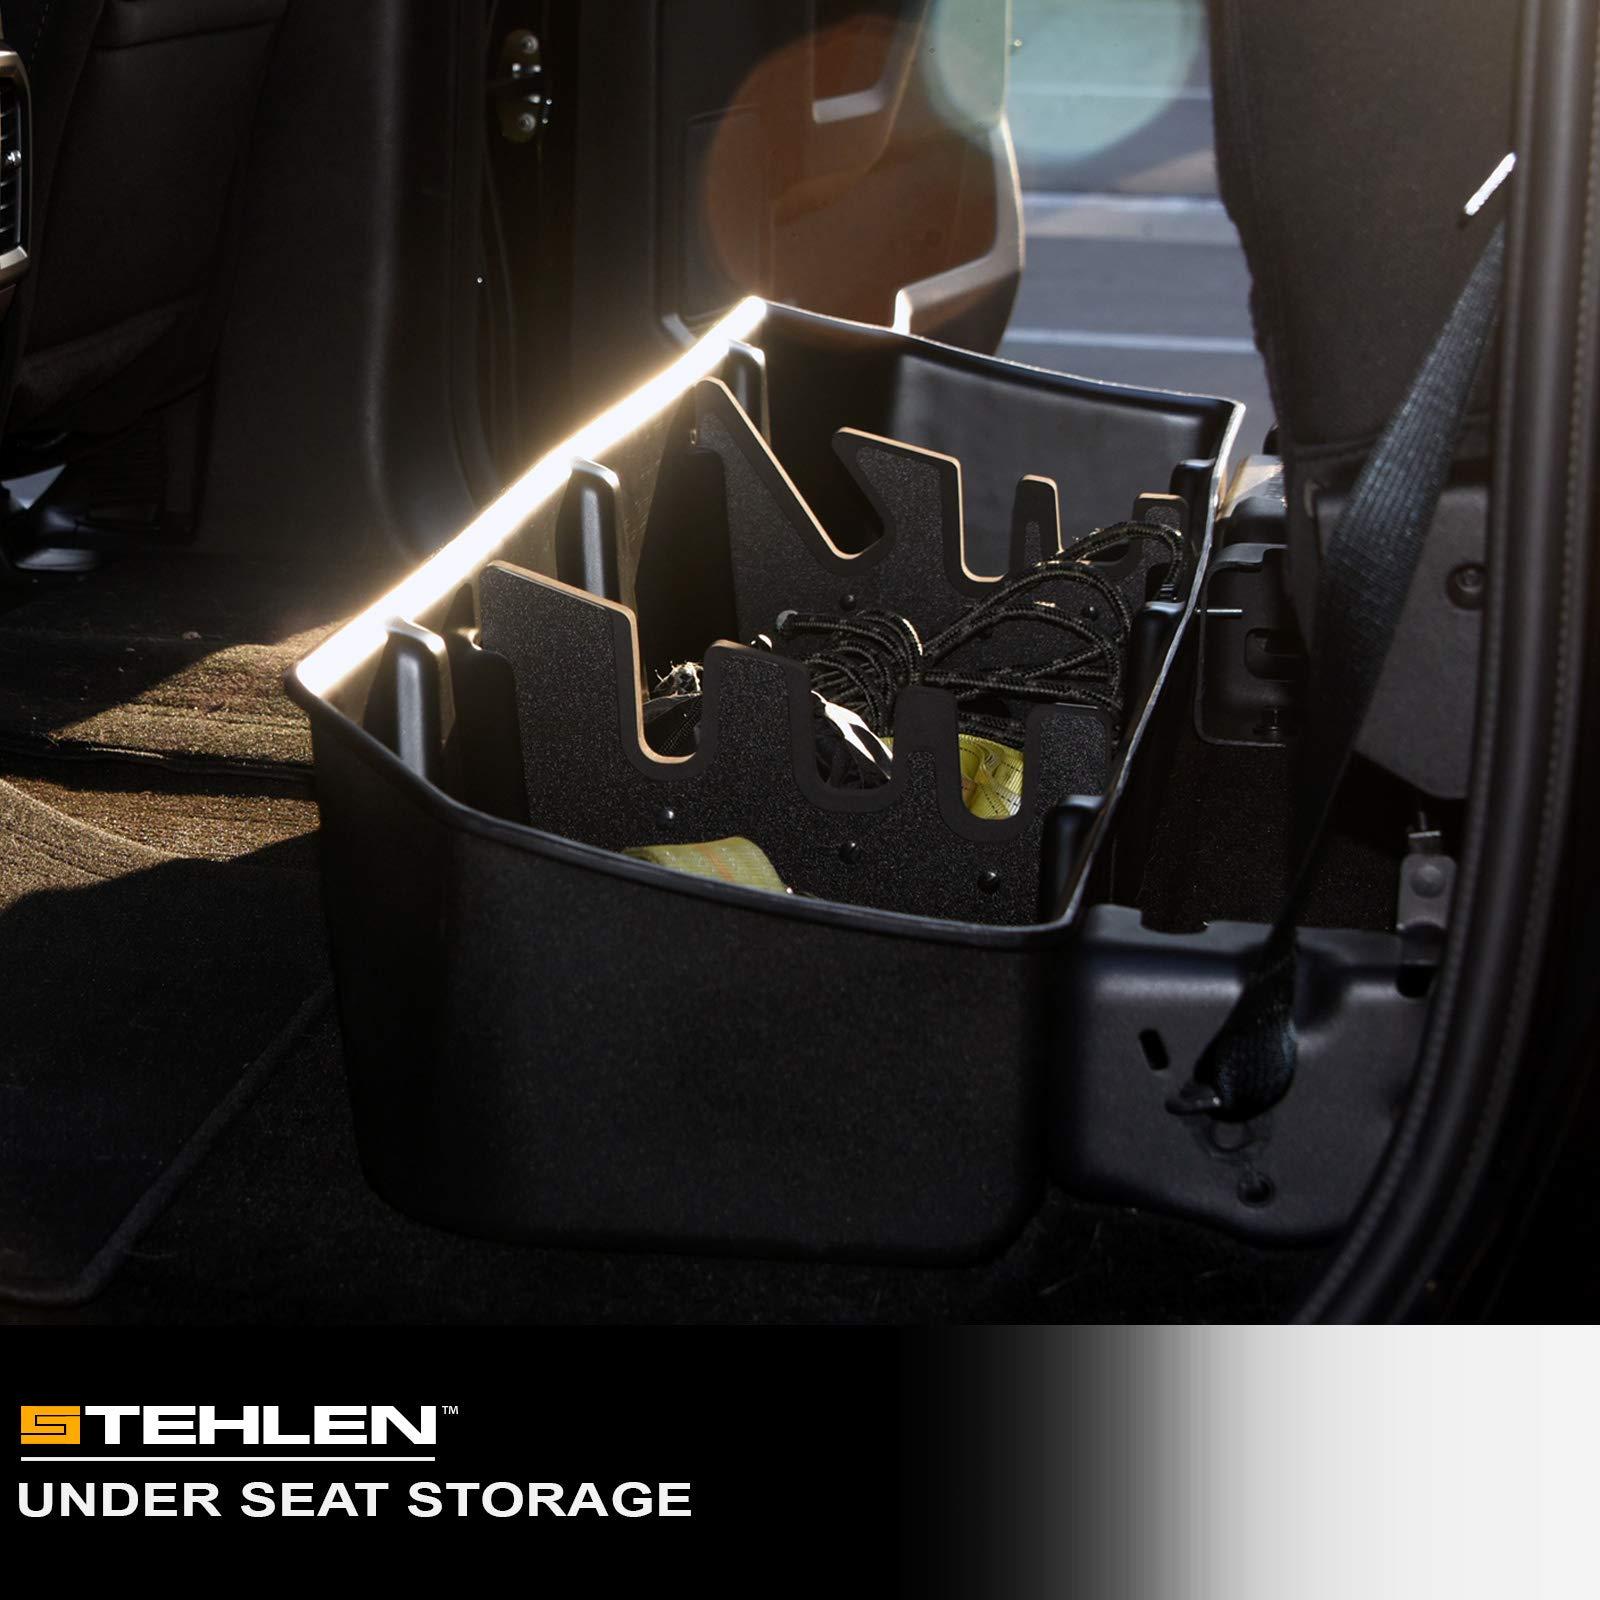 Stehlen 733469494546 Gearbox Underseat Storage Cargo Organizer Box - Textured Black For 14-18 Chevy Silverado/GMC Sierra 1500/15-19 2500/3500 HD Crew Cab by Stehlen